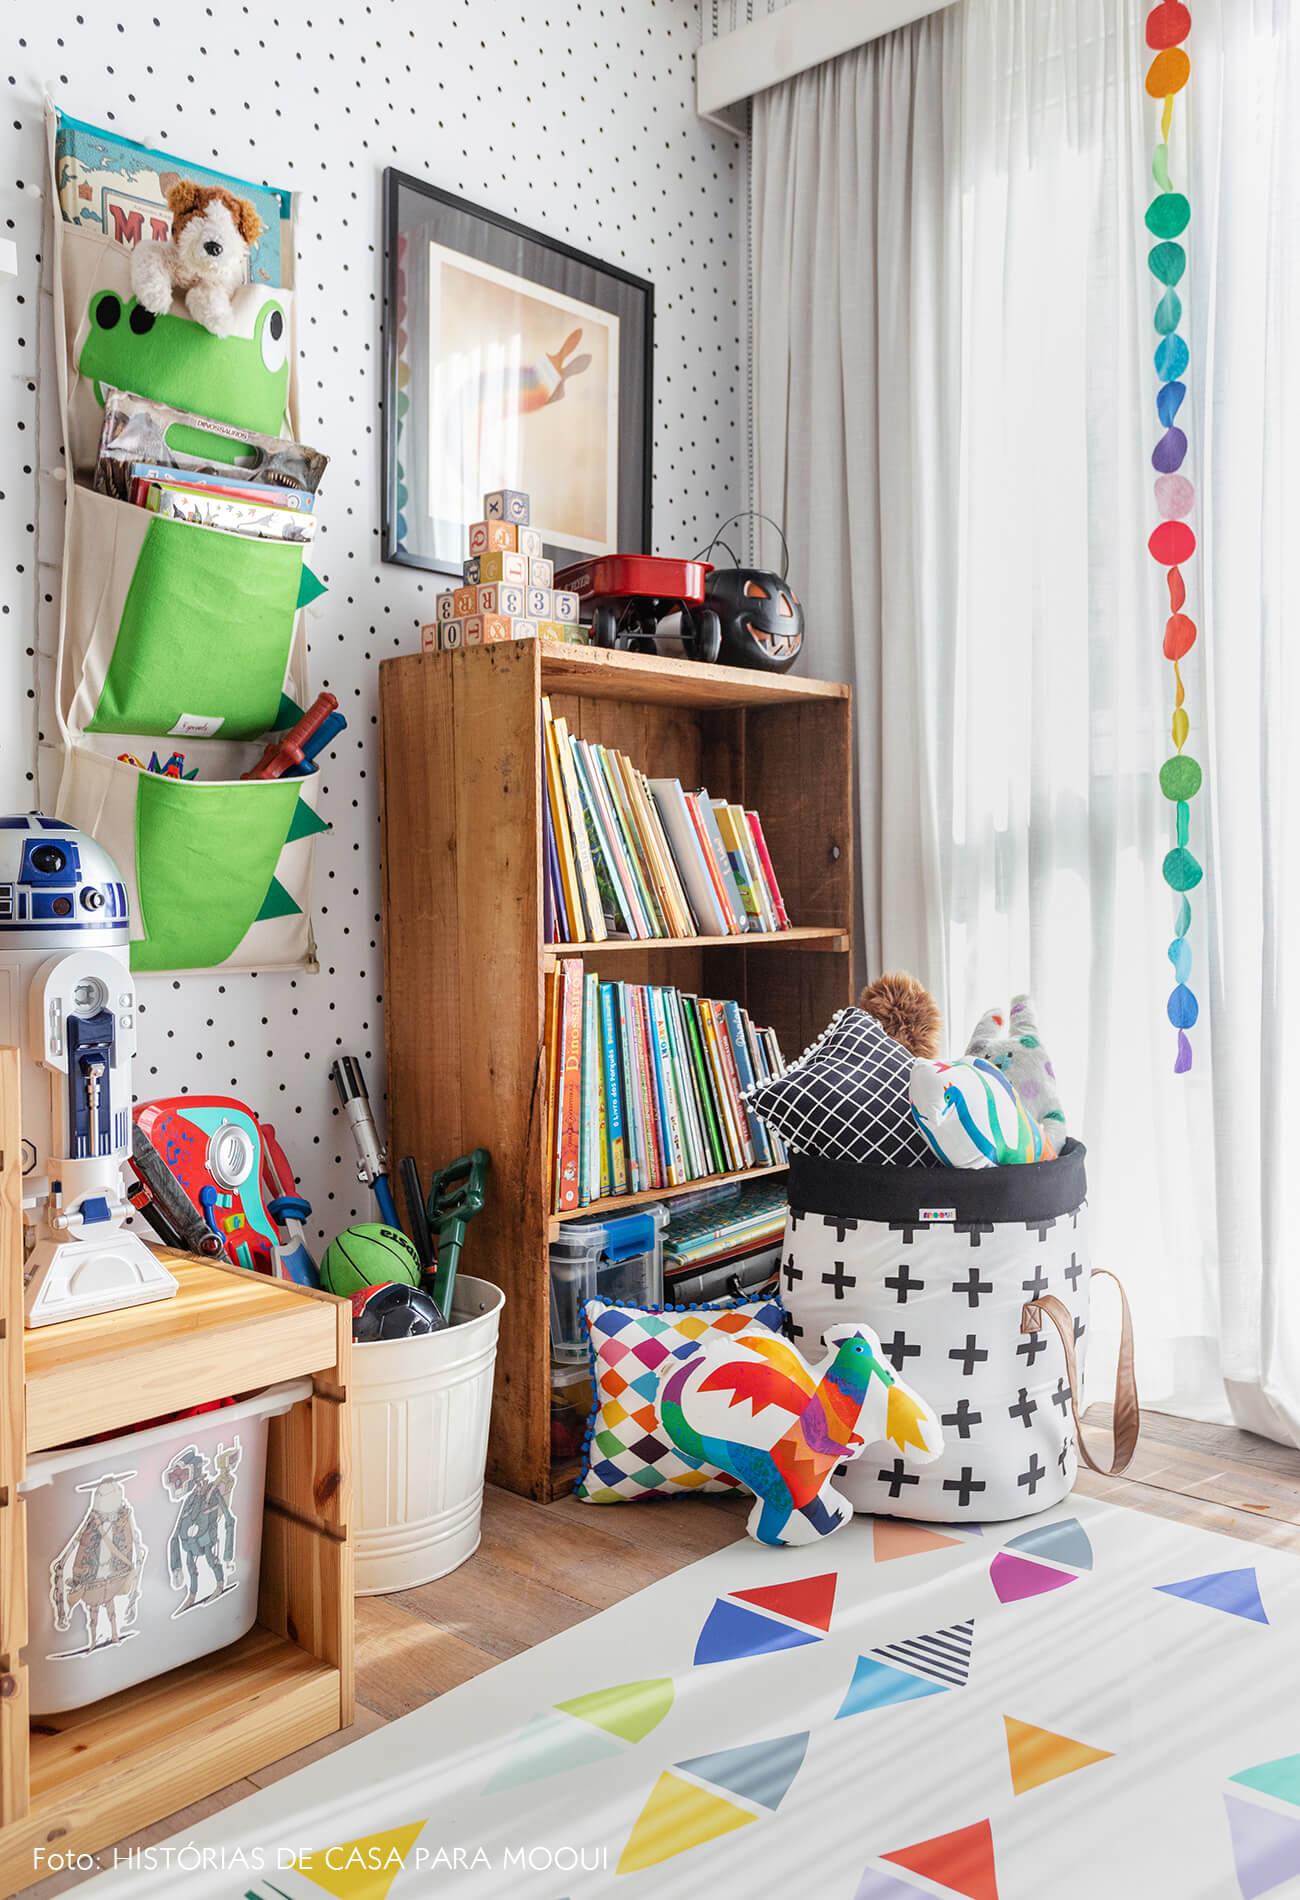 Quarto de criança com decoração colorida